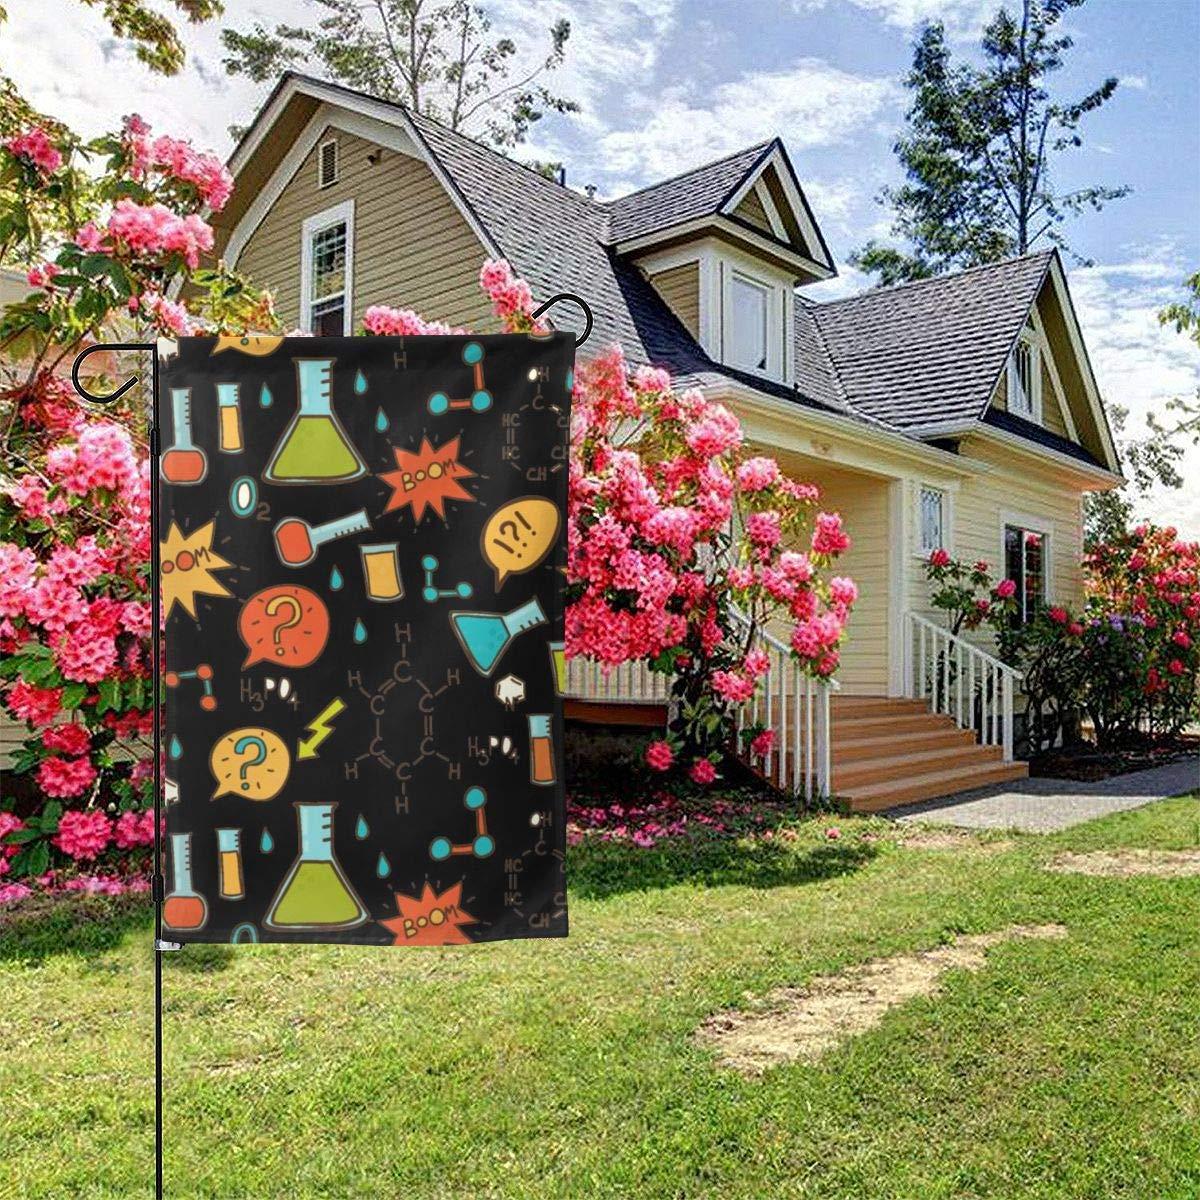 N/A - Delantal unisex de química de color para casa, jardín, decoración de casa de doble cara, 12, 5 x 18 pulgadas: Amazon.es: Jardín